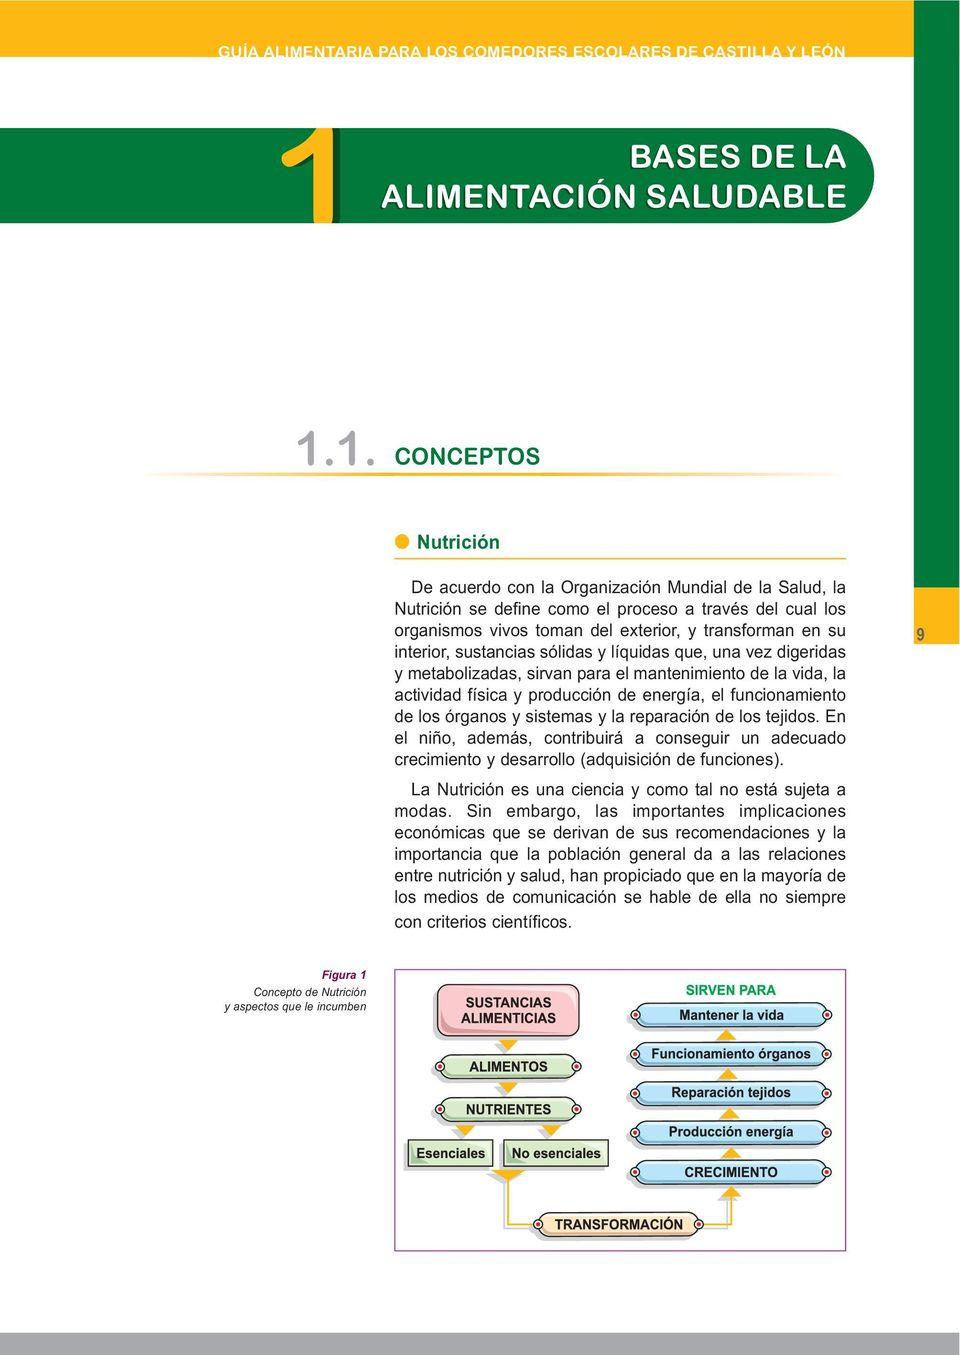 Comedores Escolares Castilla Y Leon | Educación Concede Más De 26 ...